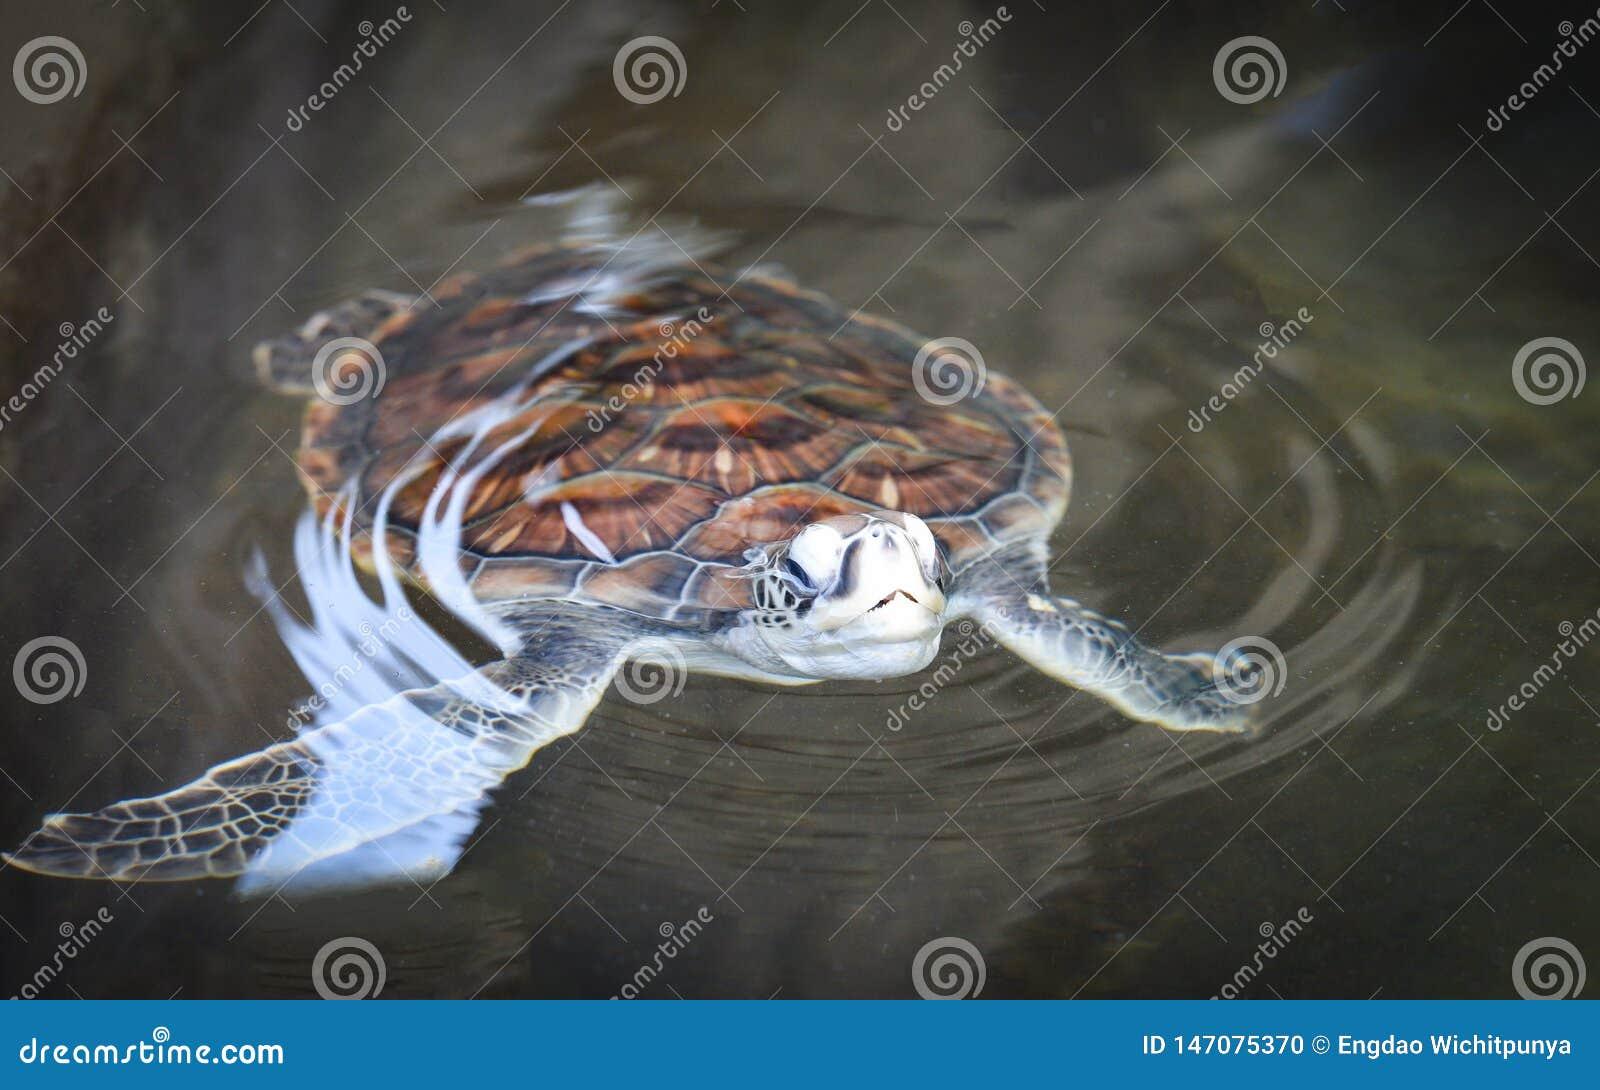 πράσινο αγρόκτημα χελωνών και κολύμβηση στη λίμνη νερού - hawksbill χελώνα θάλασσας ελάχιστα